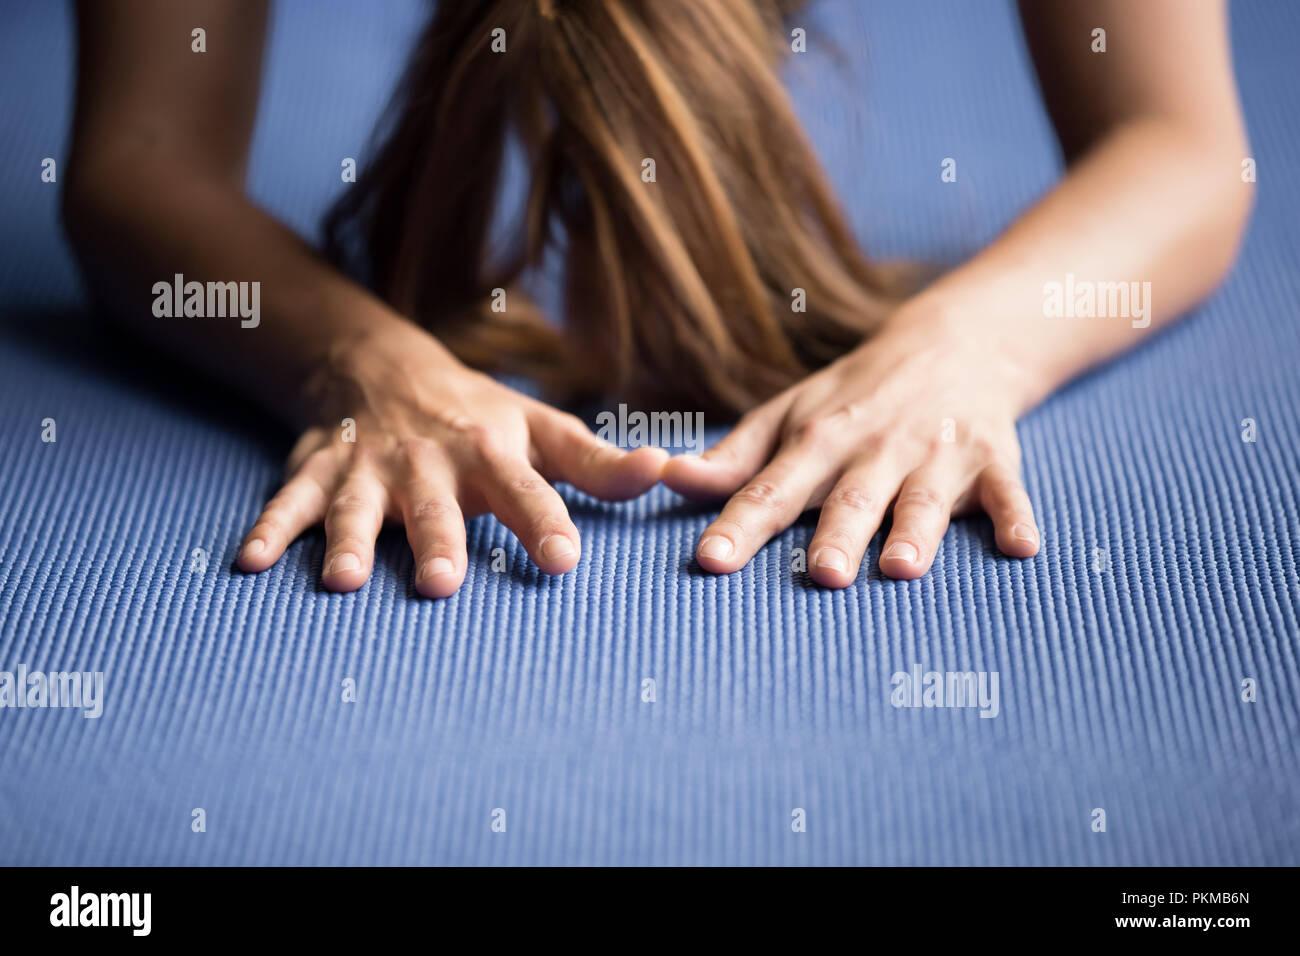 Sportliche frau yoga auf eine blaue Matte Stockbild